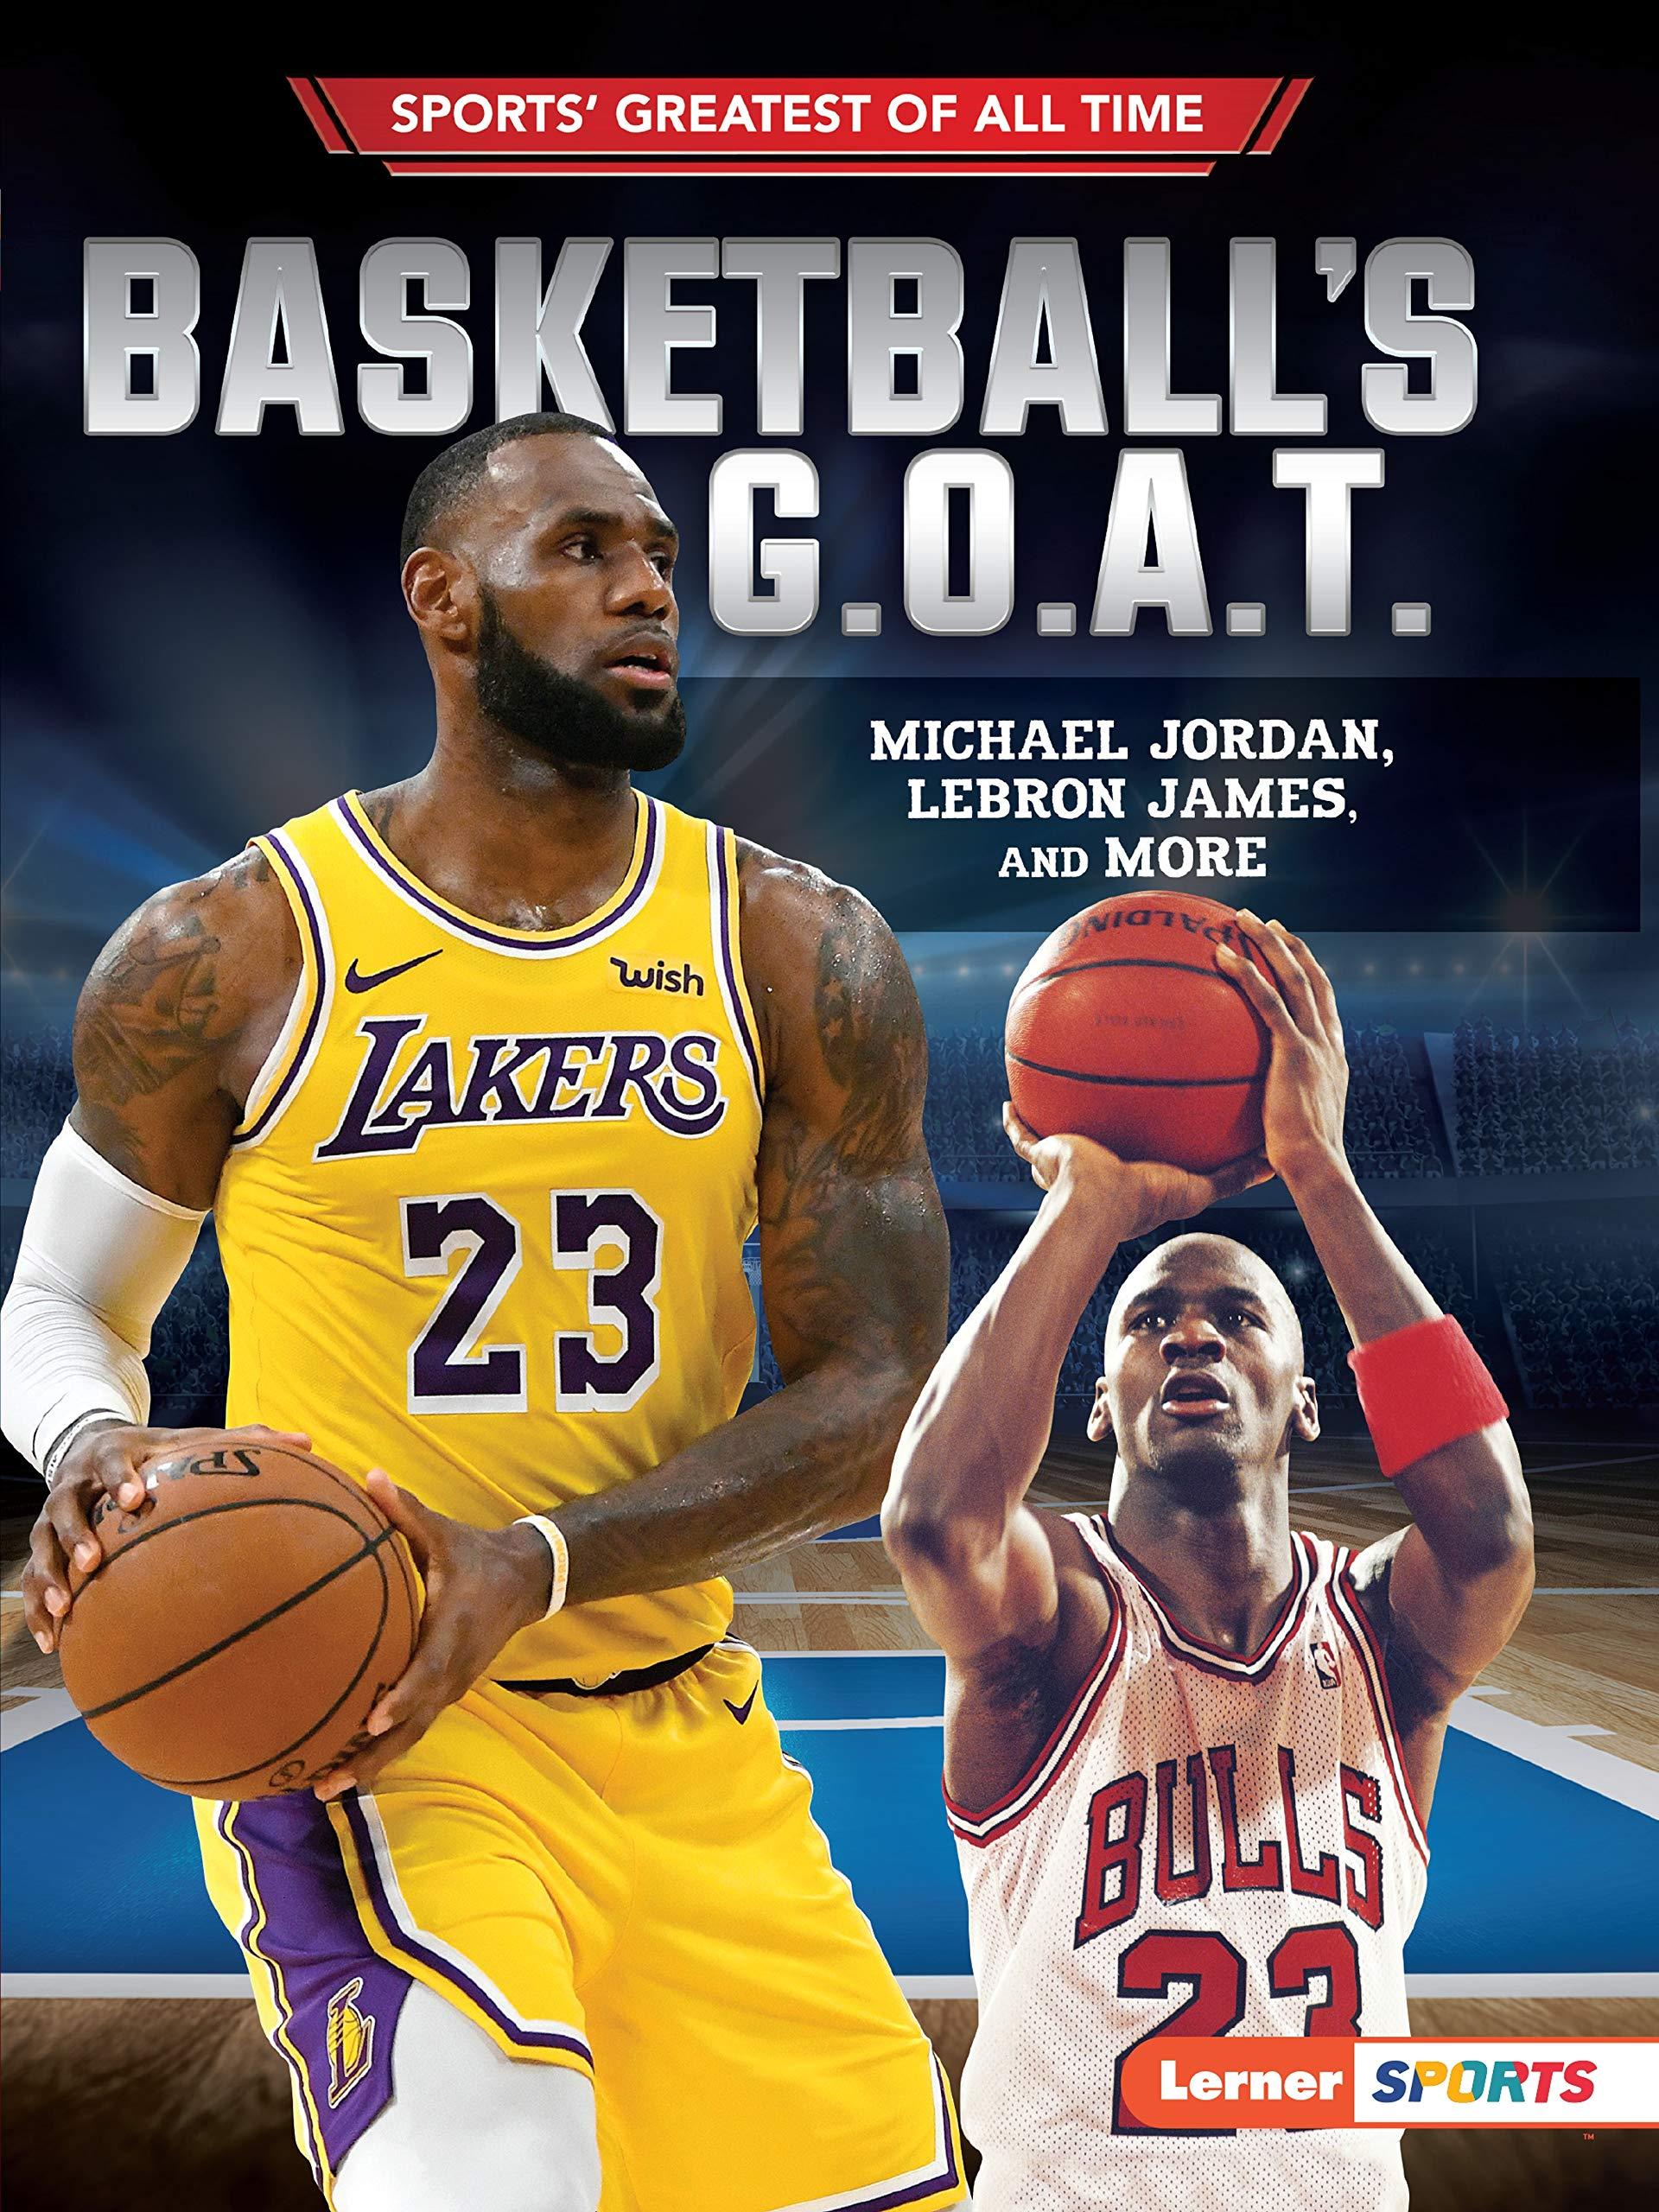 G.O.A.T.: Michael Jordan, LeBron James